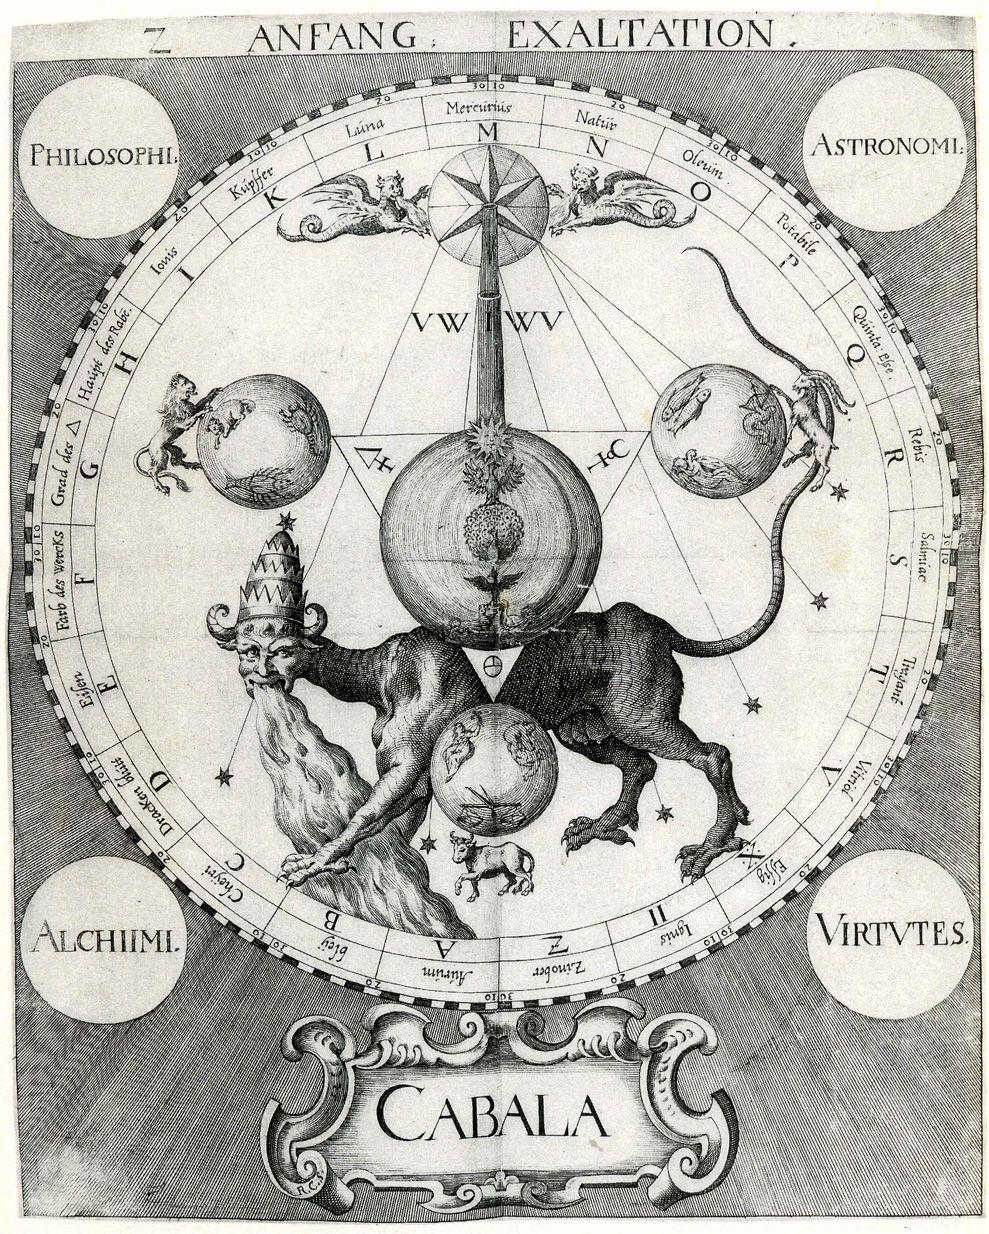 Alquimia Cosmos Cielo Y Tierra Simbologa Circuitry By Brujo On Deviantart Bigdave409